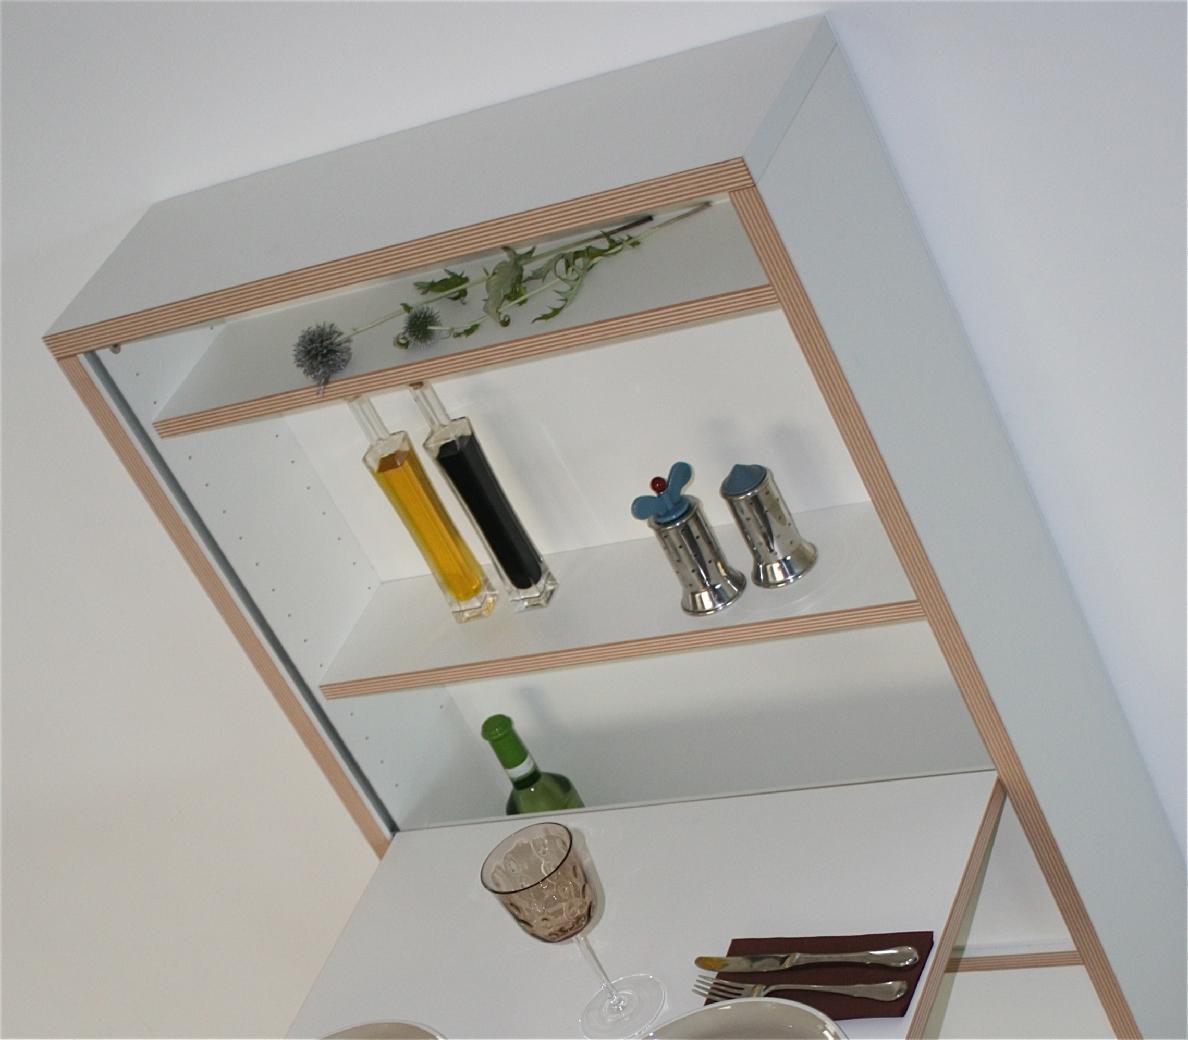 der versandkostenfreie design wandklapptisch movemaxx das unternehmen. Black Bedroom Furniture Sets. Home Design Ideas